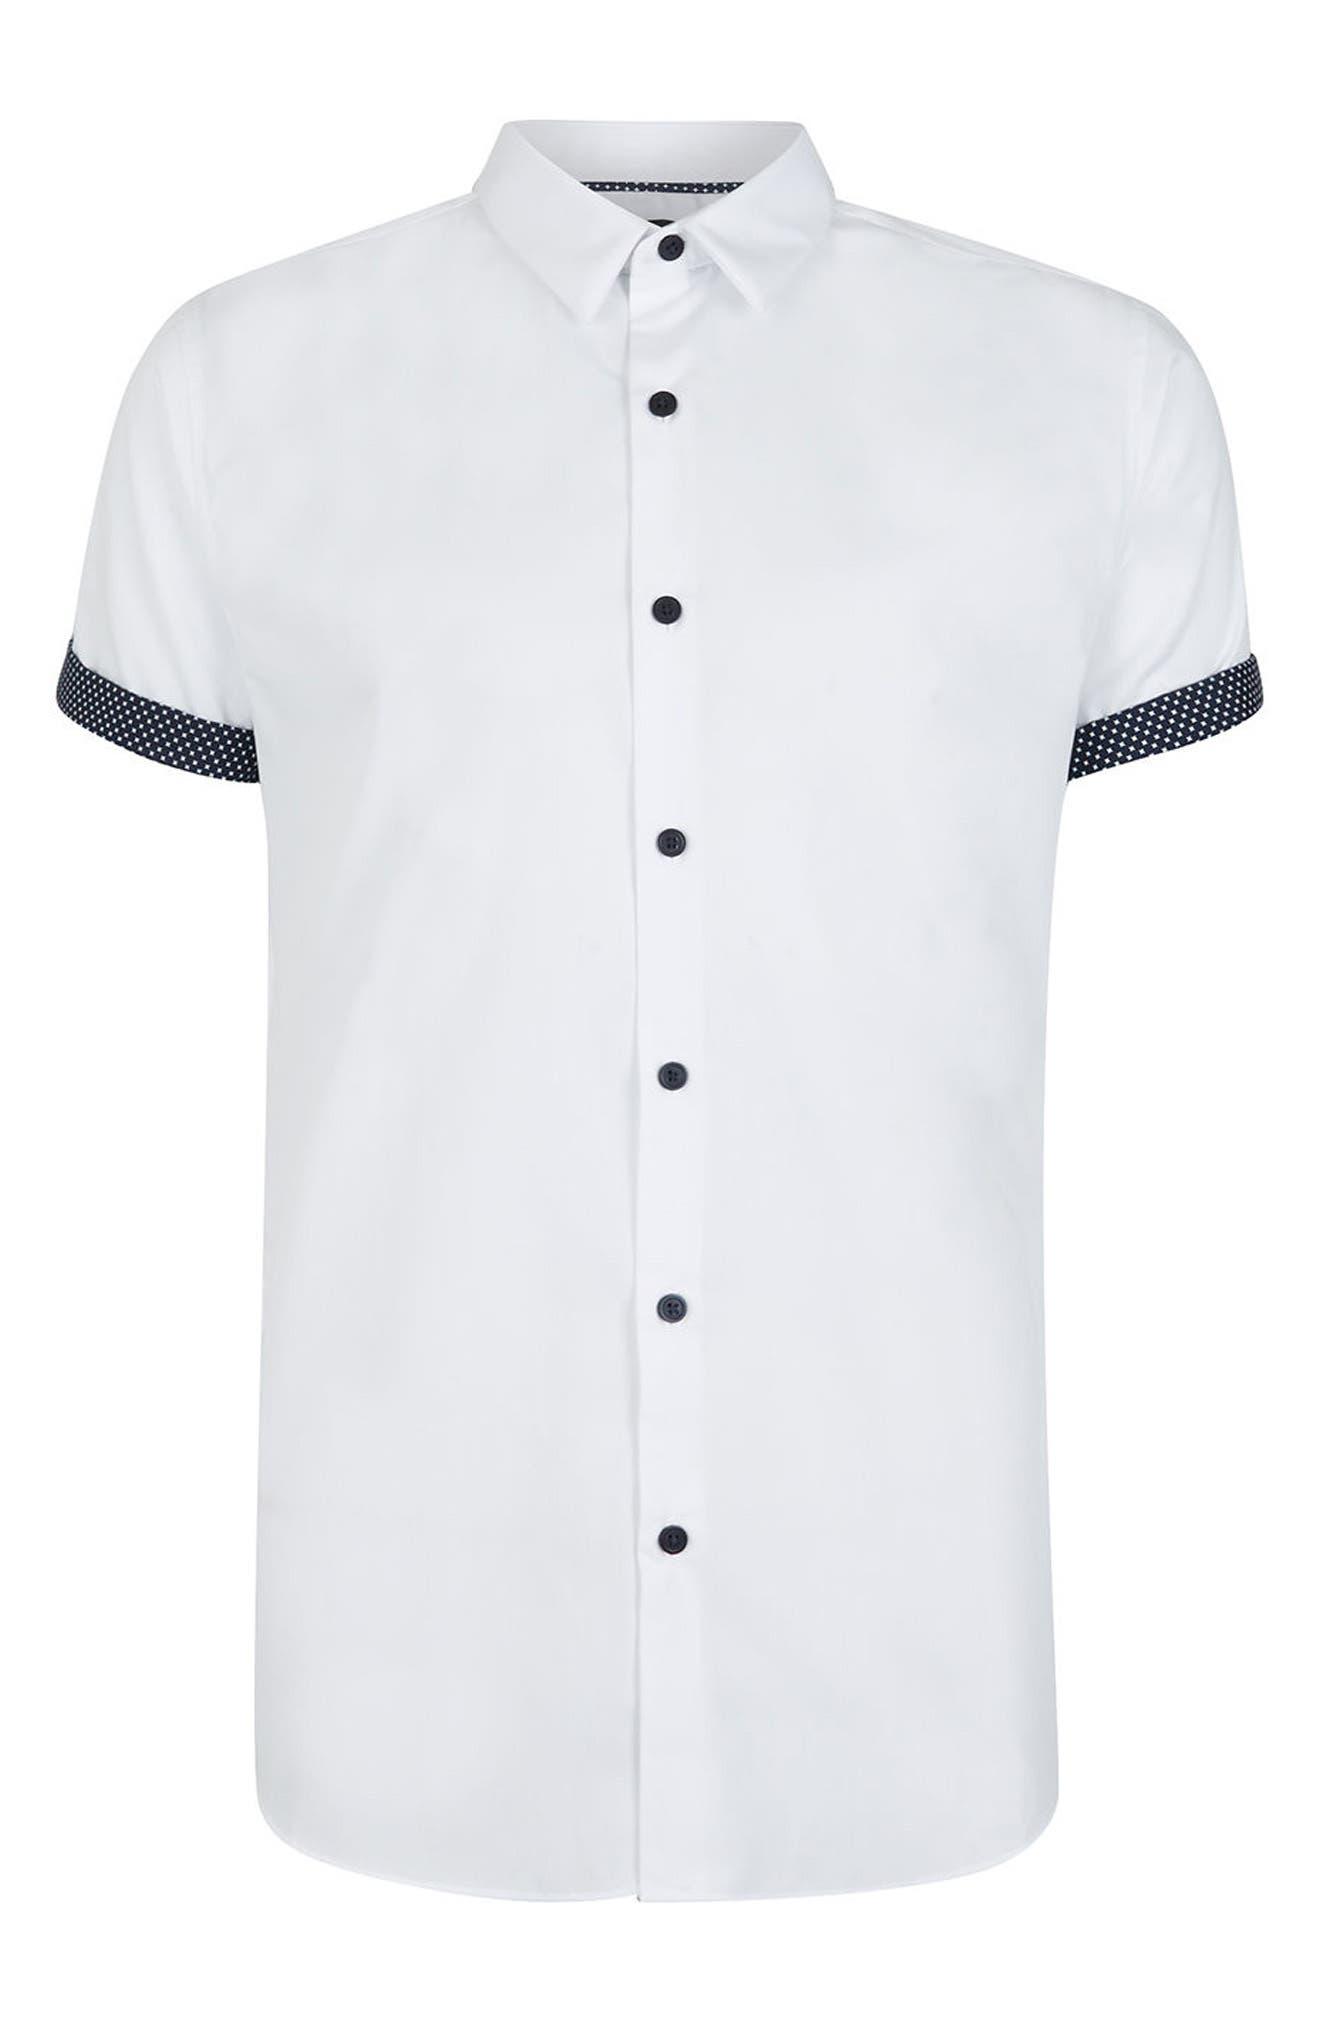 Dot Cuff Shirt,                             Alternate thumbnail 5, color,                             White Multi